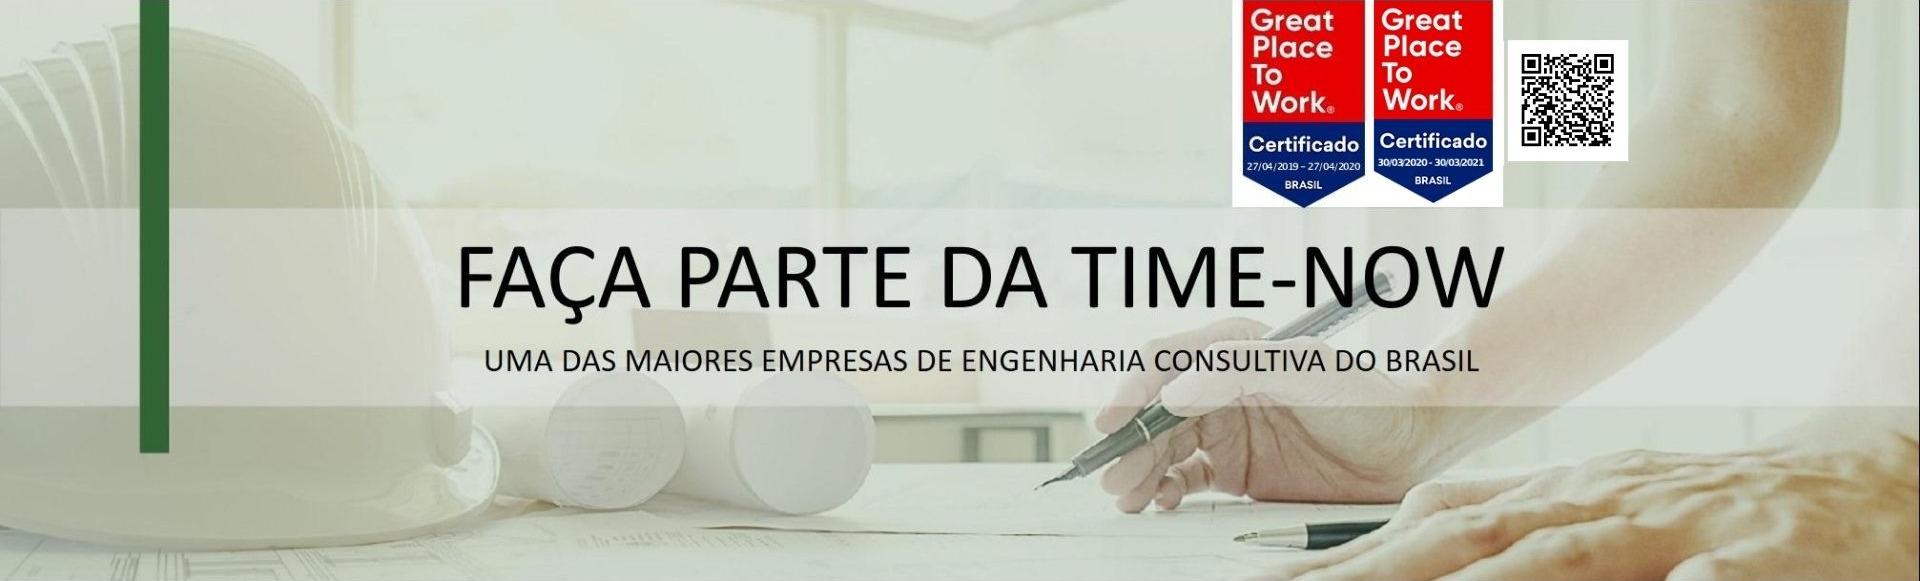 Técnico de Materiais - Tete/Moçambique - 429809